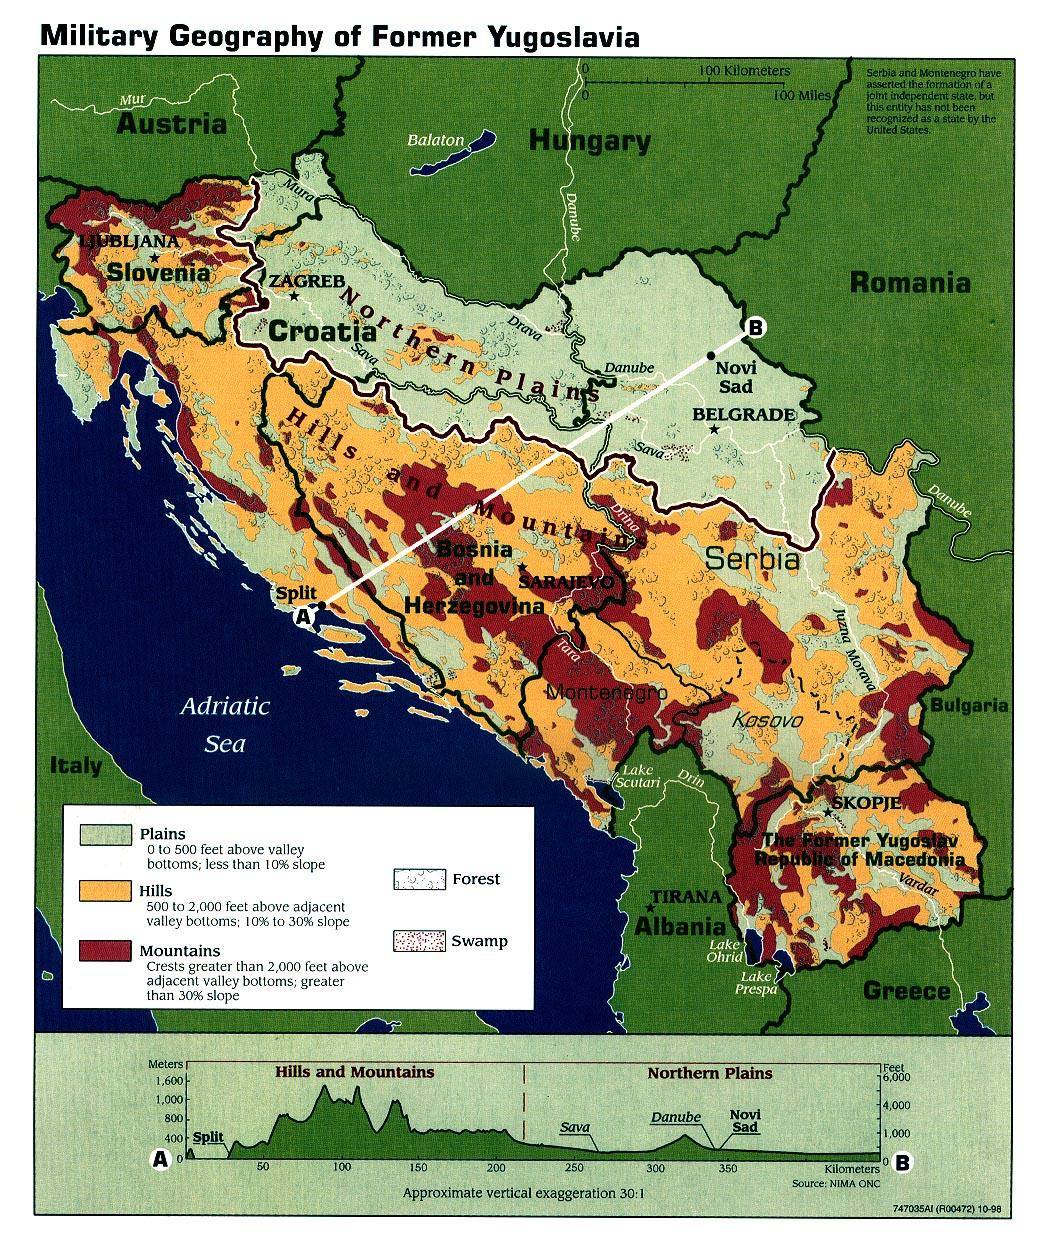 Mapa de Geografía Militar de la Ex Yugoslavia 1998